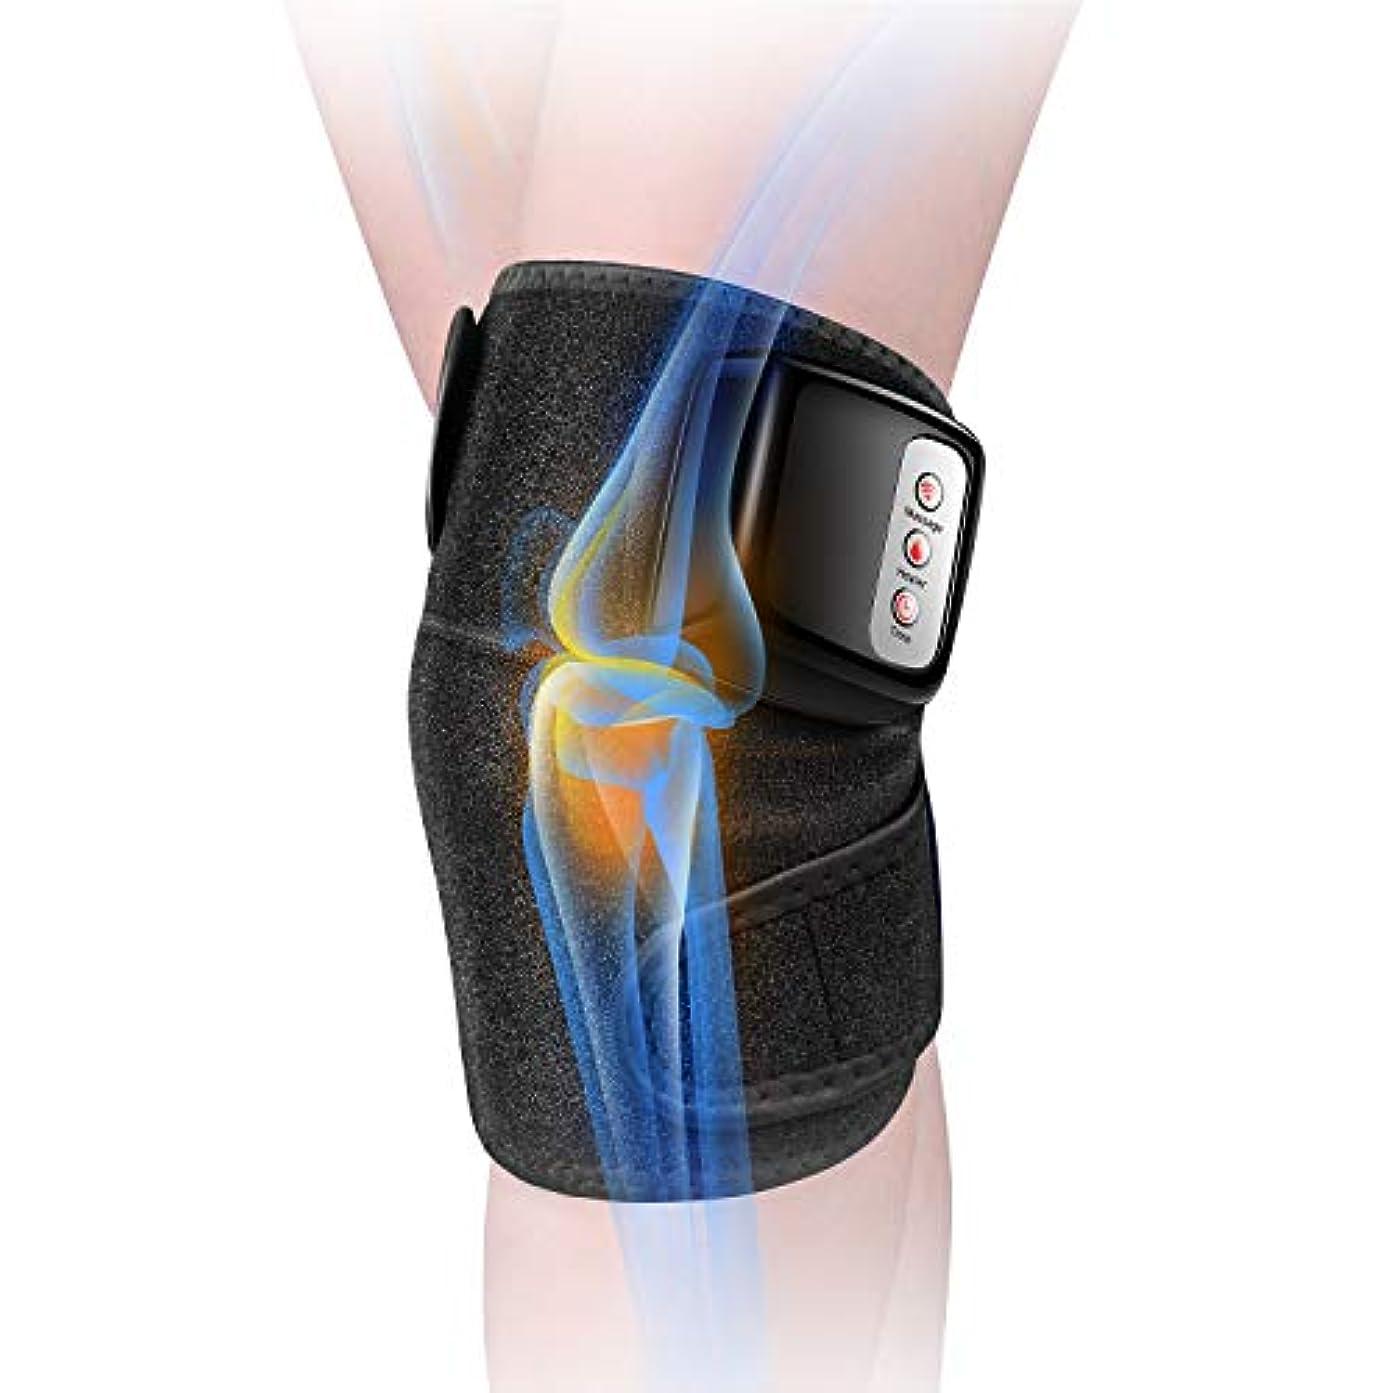 対人プロポーショナル後者マッサージ器 フットマッサージャー 膝マッサージャー ひざ 太もも 腕 肩 肘 ヒーター付き 振動 マッサージ機 レッグマッサージャー 通気性 赤外線療法 膝サポーター ストレス解消 温熱マッサージ